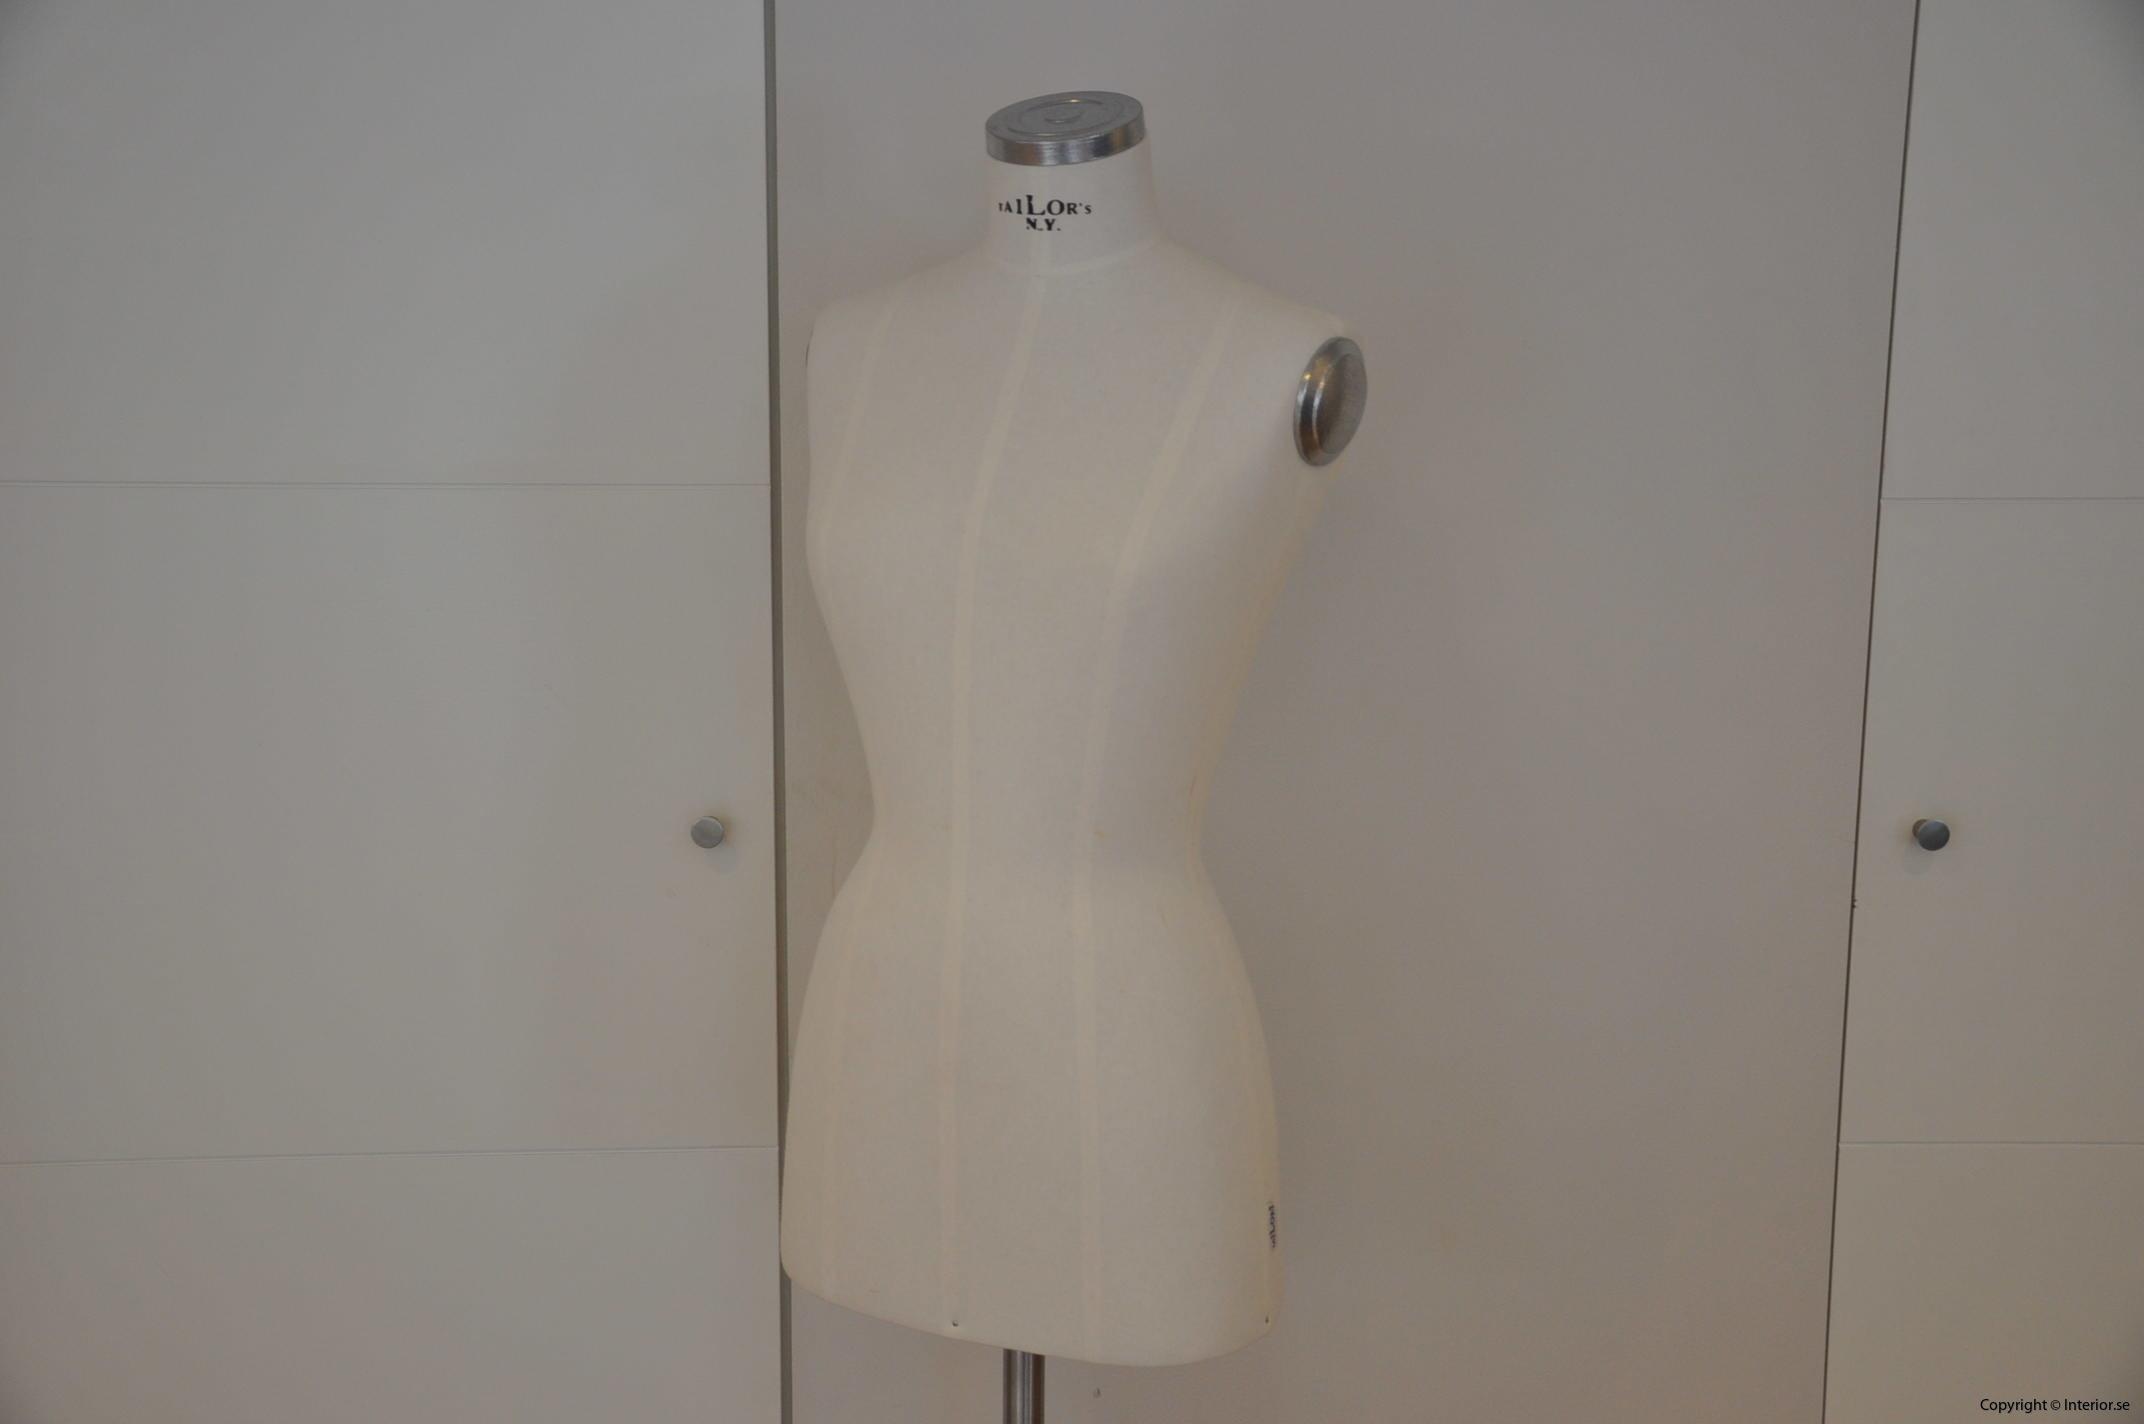 skyltdocka TAILOR'S ny tailor ny tailors ny mannequins begagnad (2)